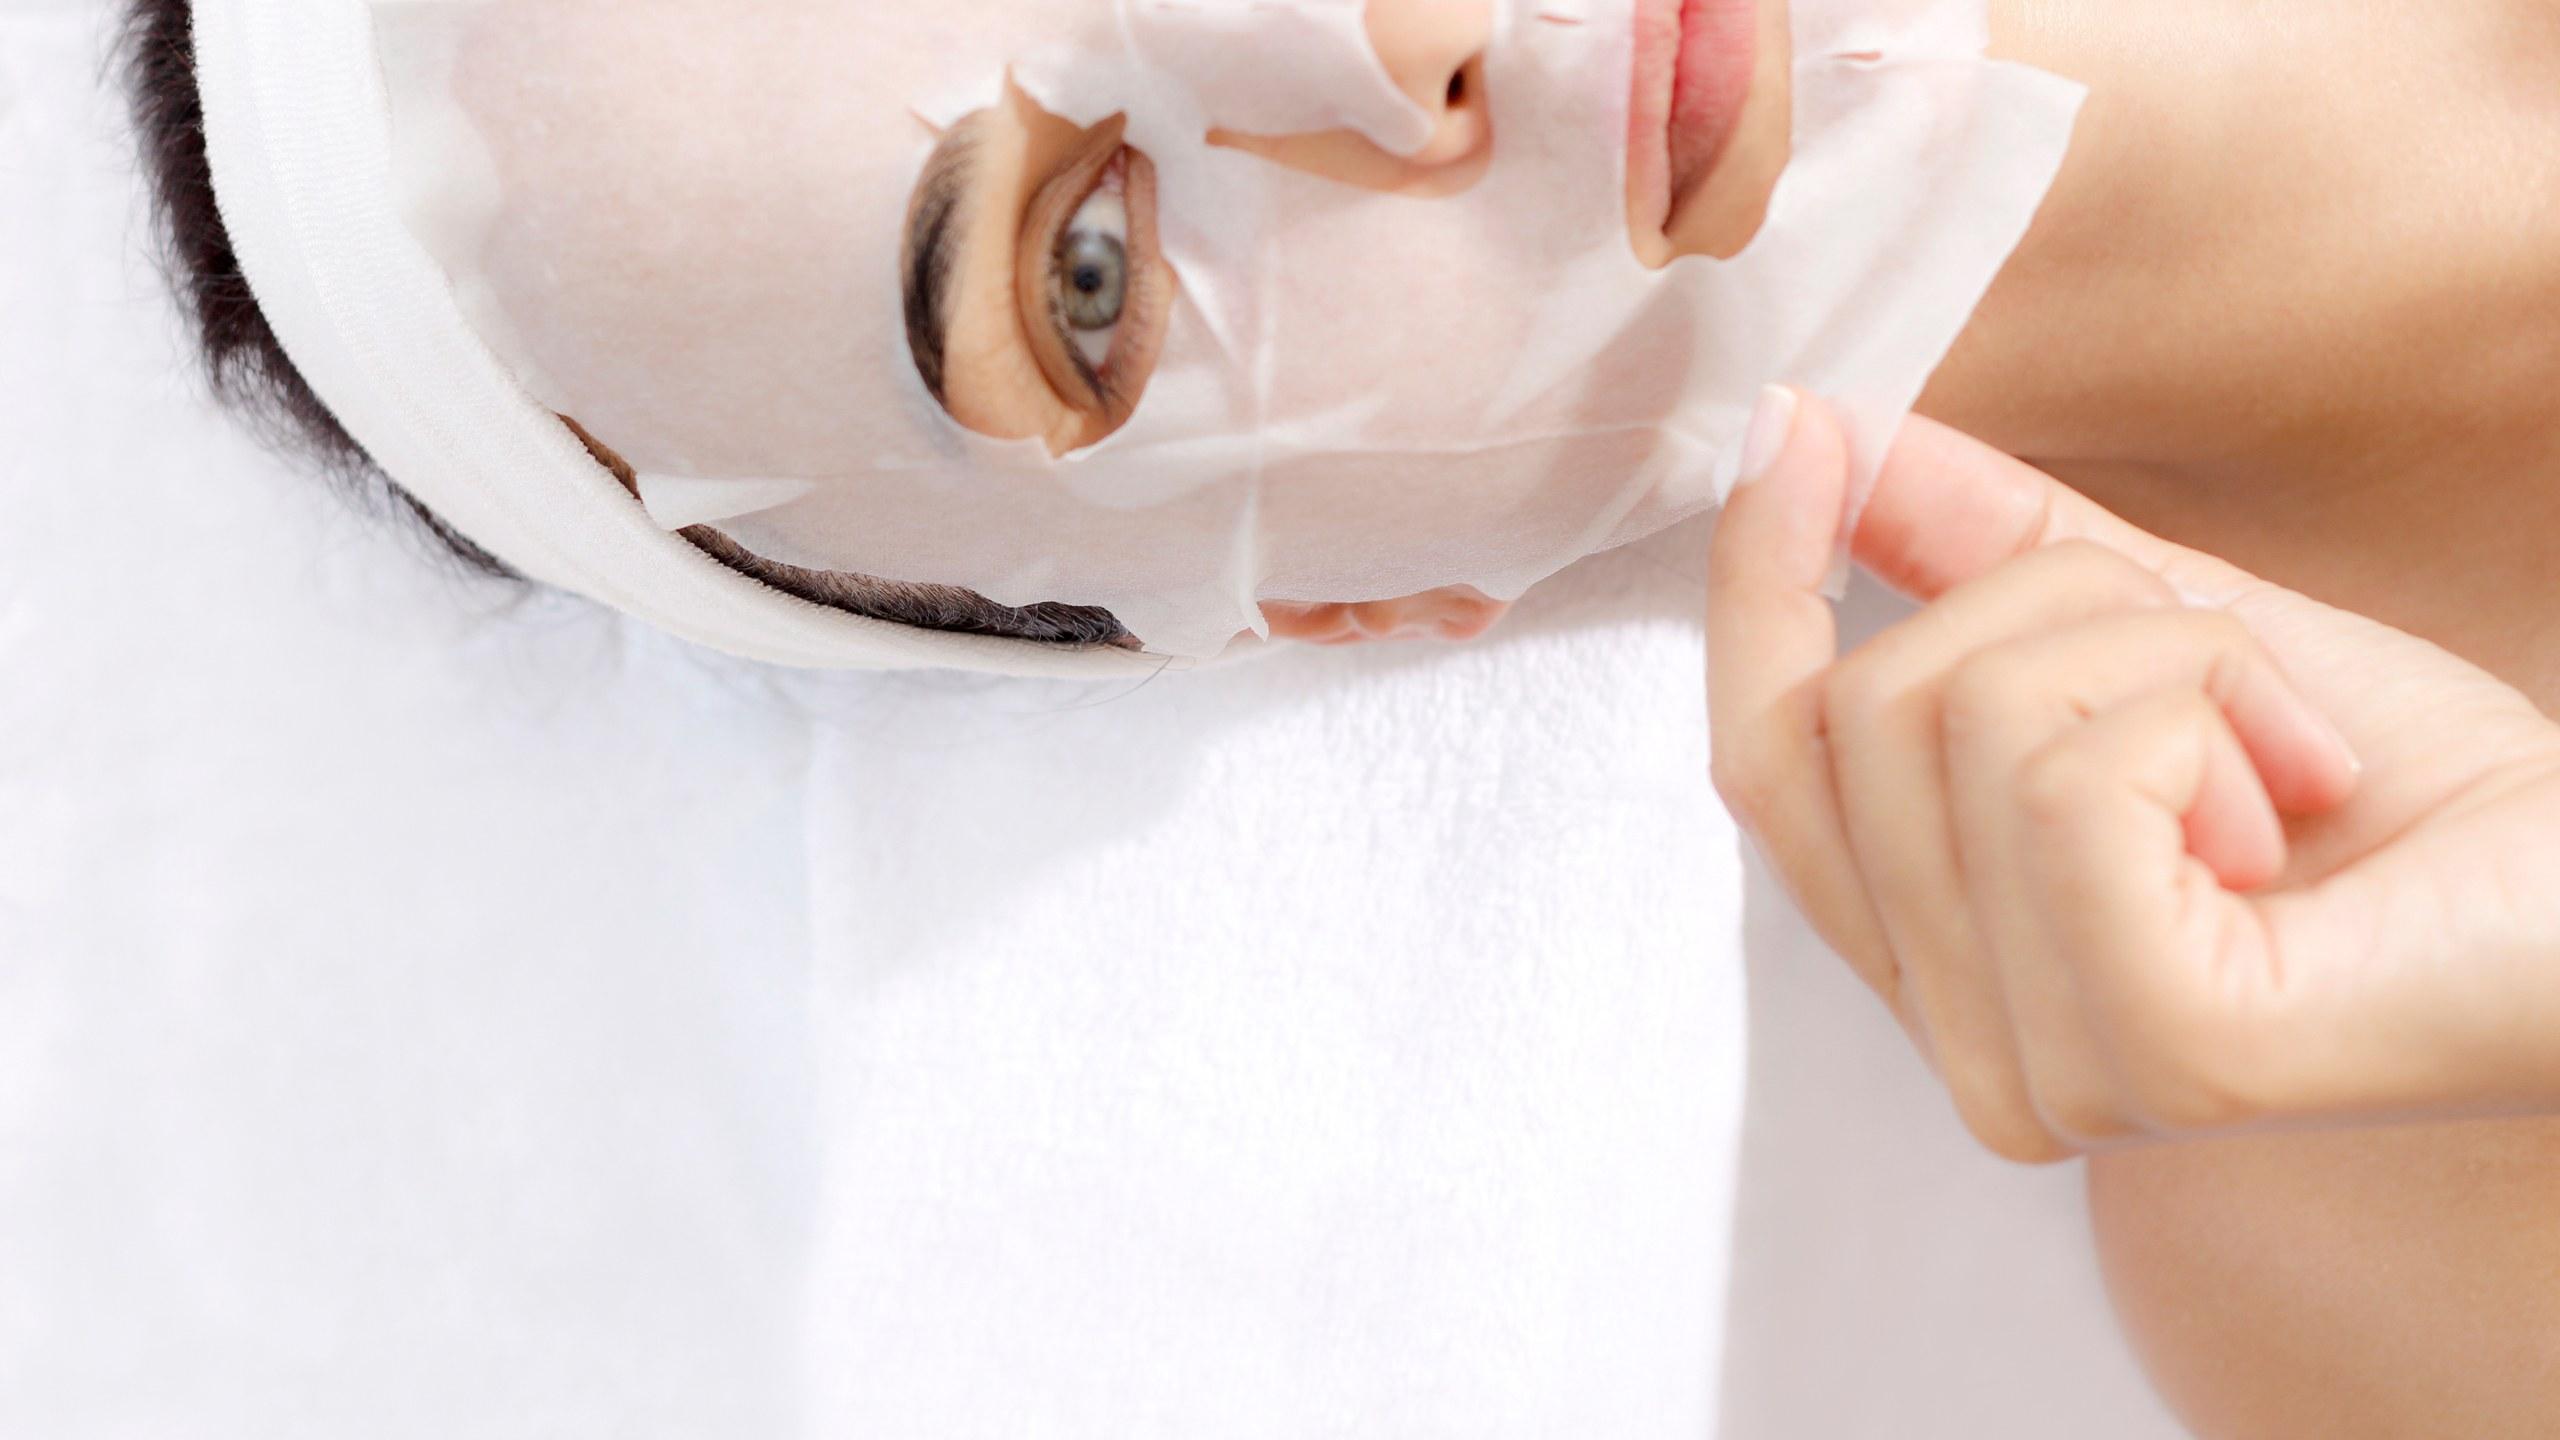 Mặt nạ giấy-Cô gái đắp mặt nạ.